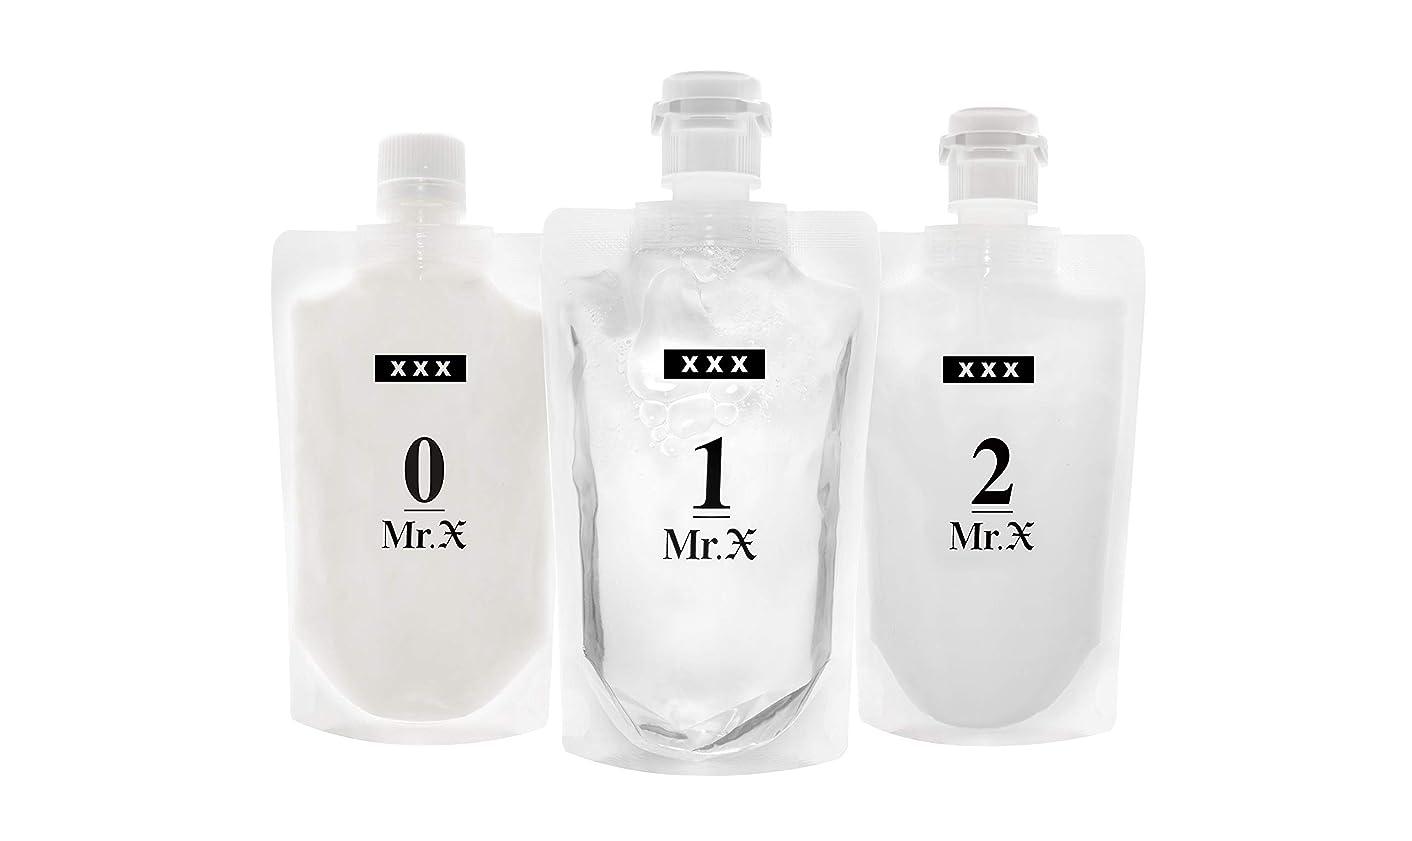 収益天のタイマーMr.X ミスターエックス メンズスキンケア3点セット (洗顔&化粧水&乳液) 初回限定発売記念【XXX ビニールポーチ付】